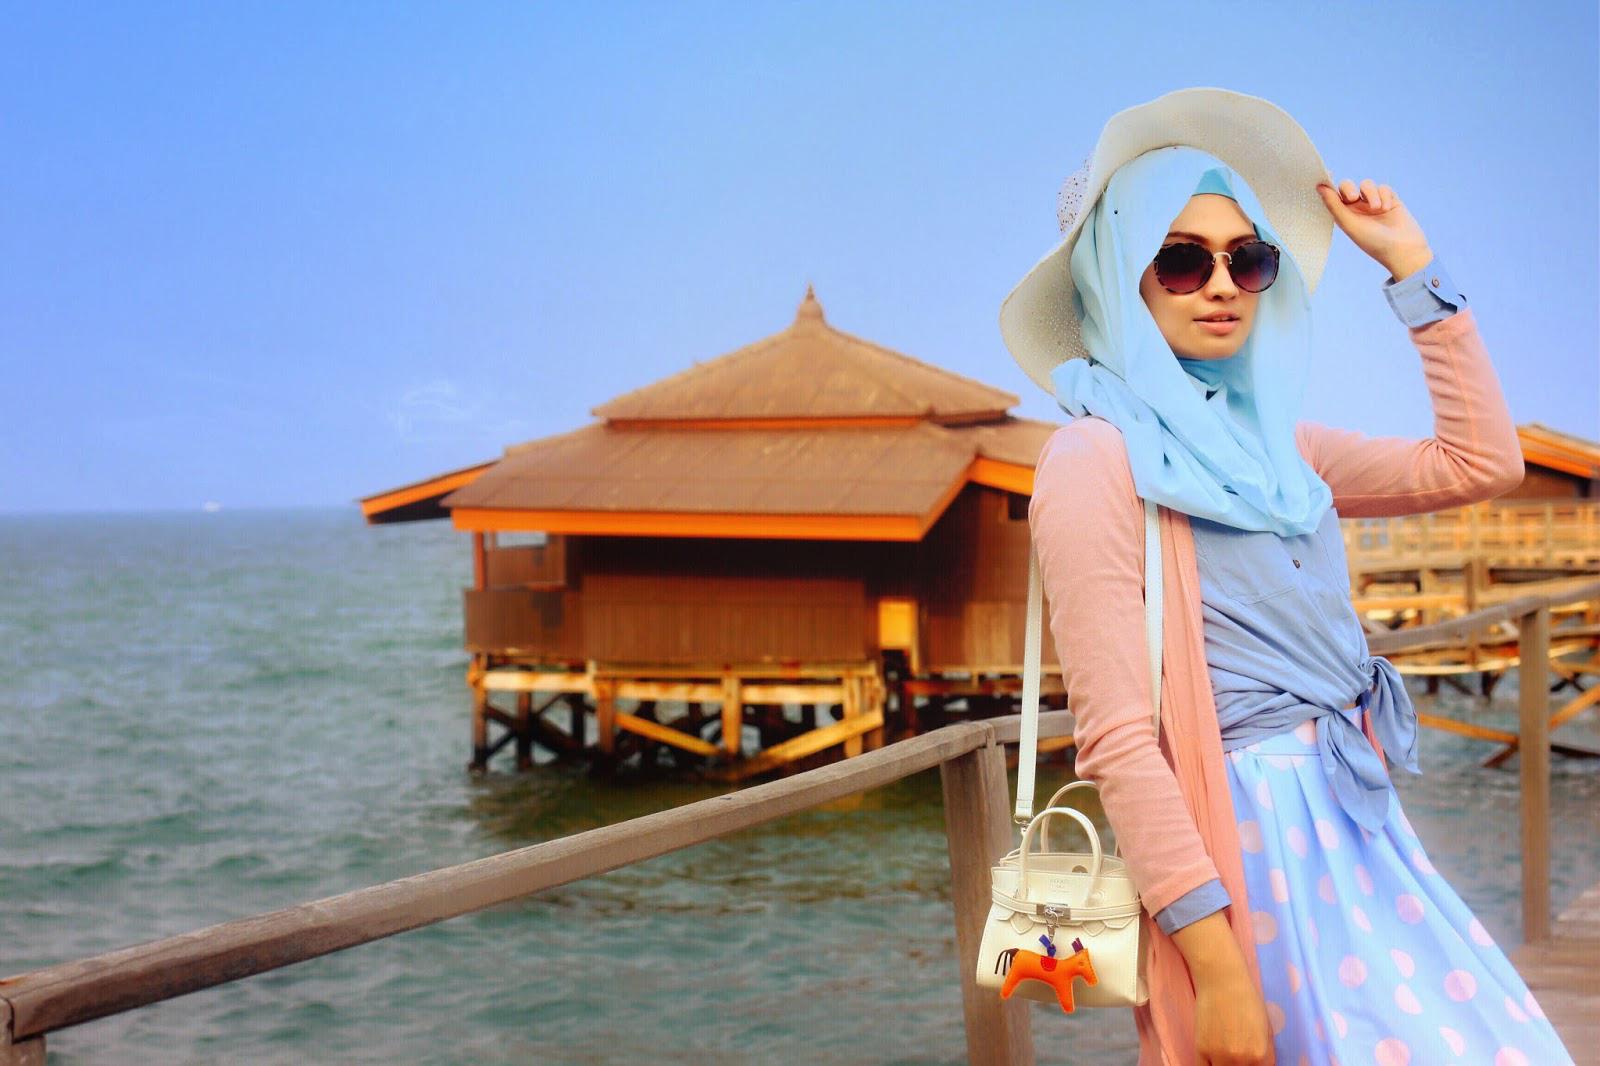 padu padan hijab ke pantai